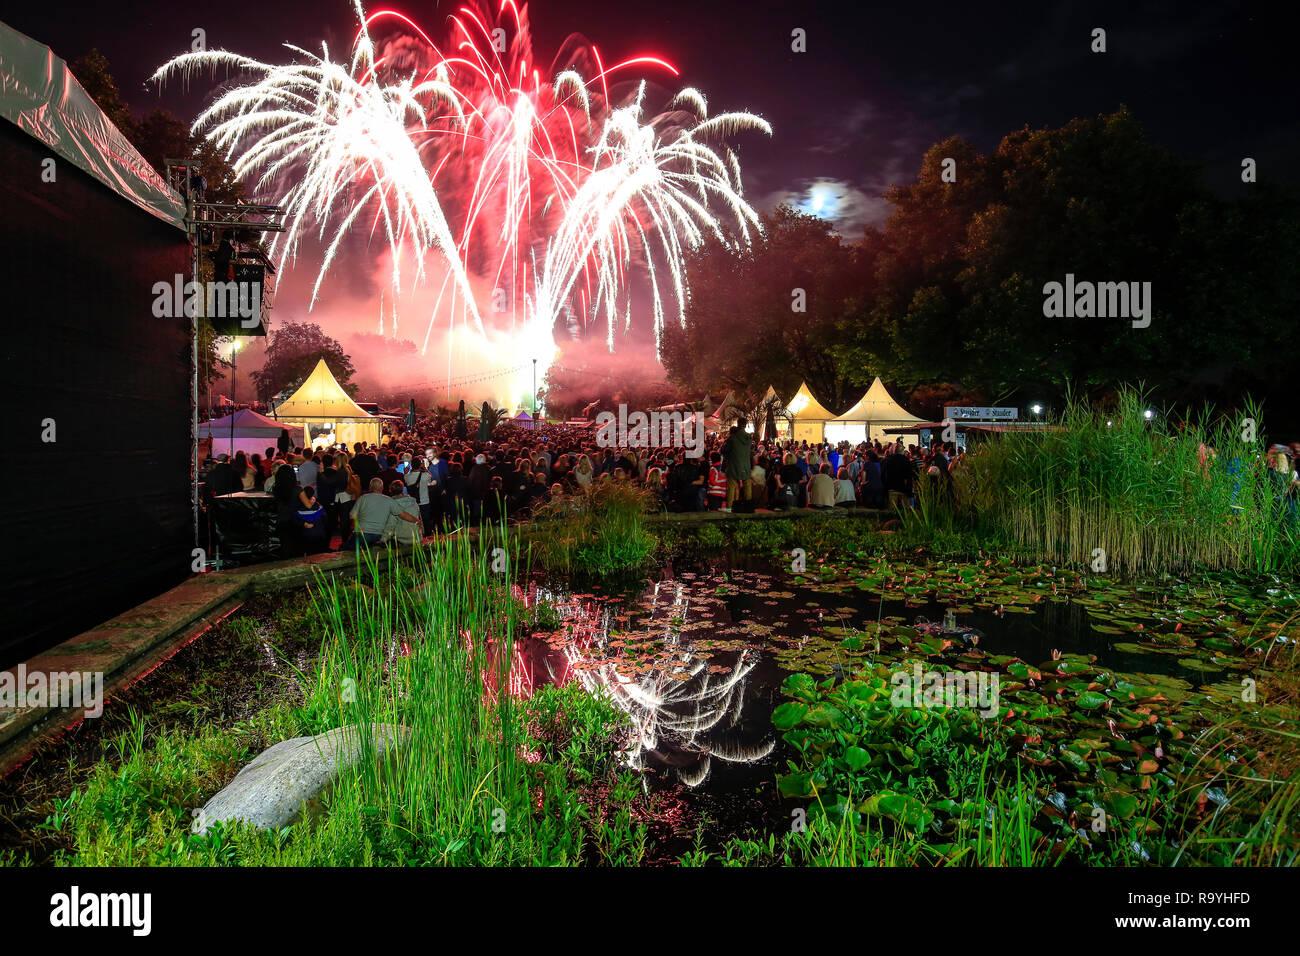 13.08.2016, Essen, Nordrhein-Westfalen, Ruhrgebiet, Deutschland - Parkfest im Grugapark, hier anlaesslich der Essen 2017 Gruene Hauptstadt Europas. 00 - Stock Image